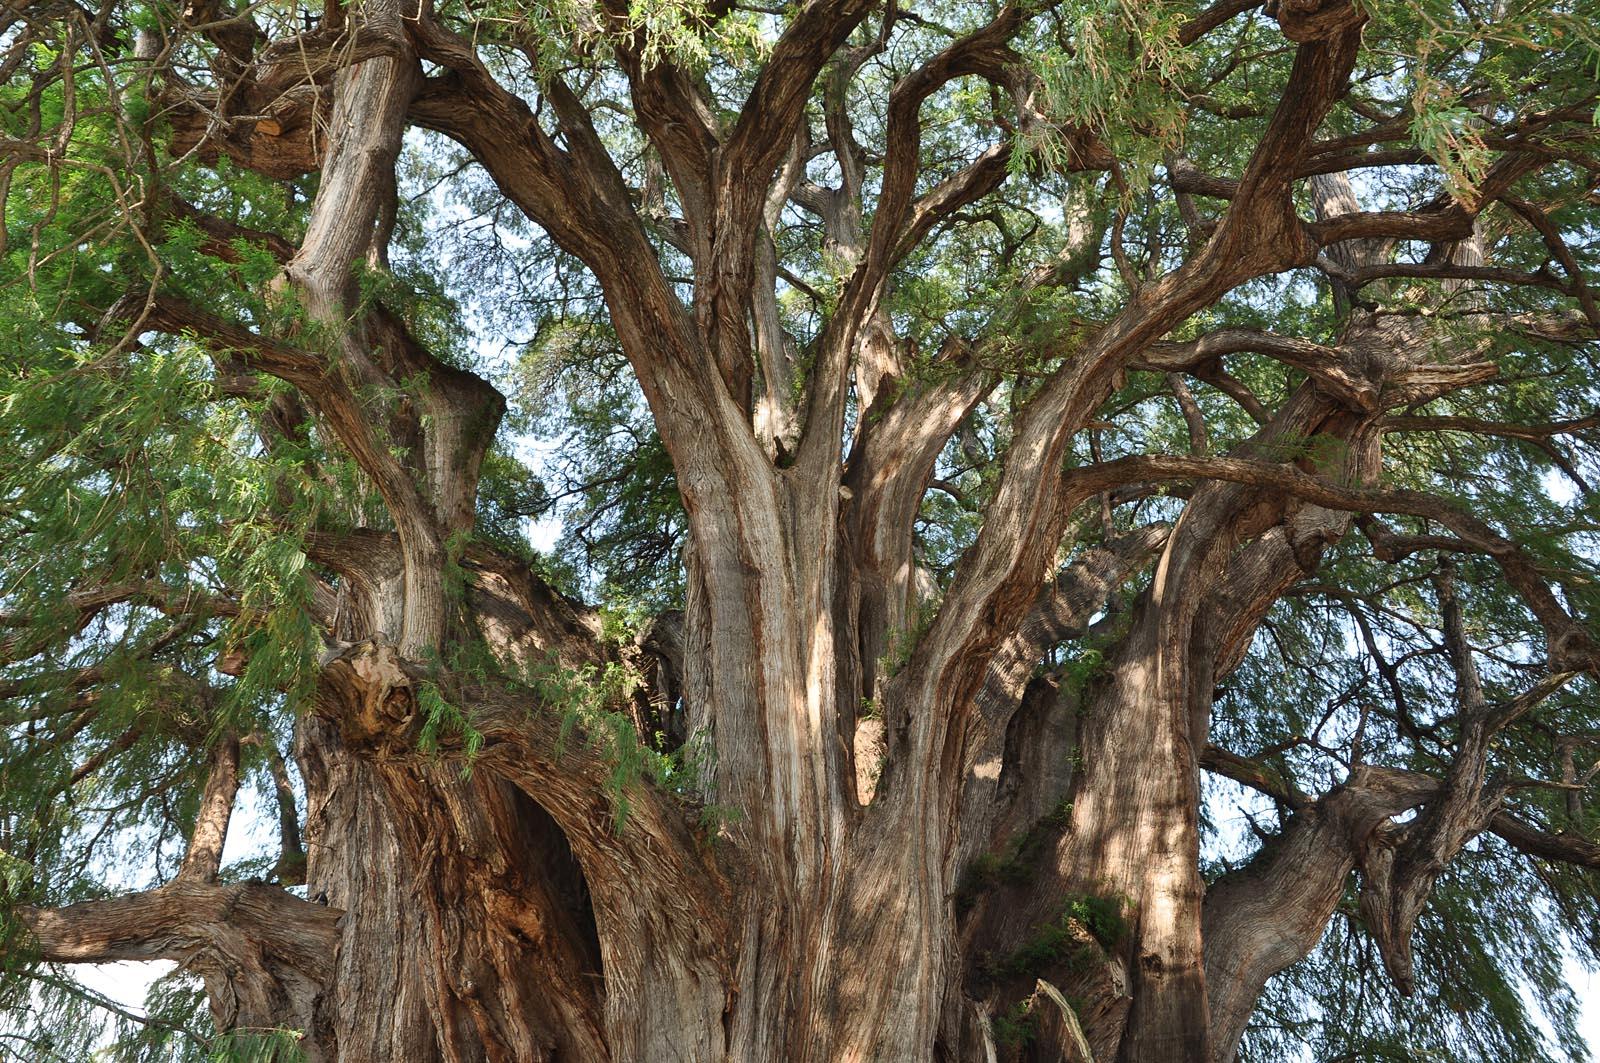 Mexiko oaxaca und umgebung - Baum auf spanisch ...